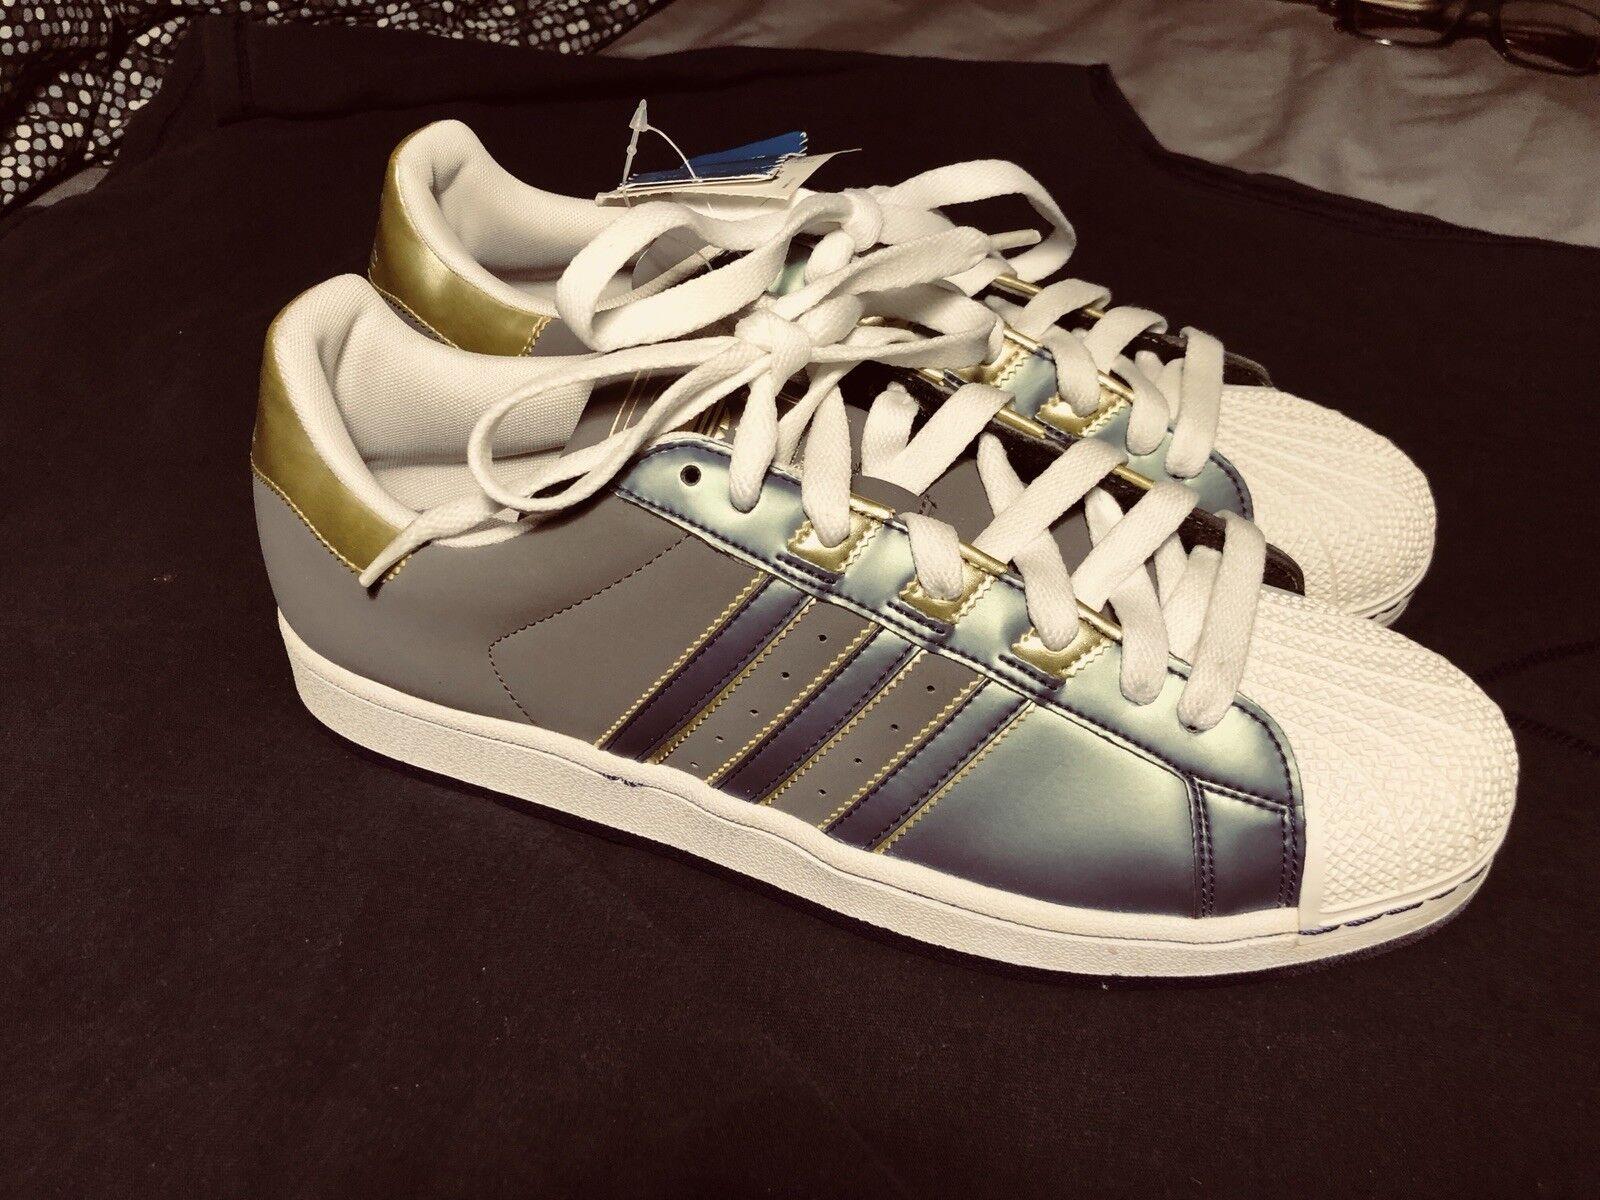 adidas superstar mens größe 12 grau neue ohne box leder grau 12 und gold 6fc81c